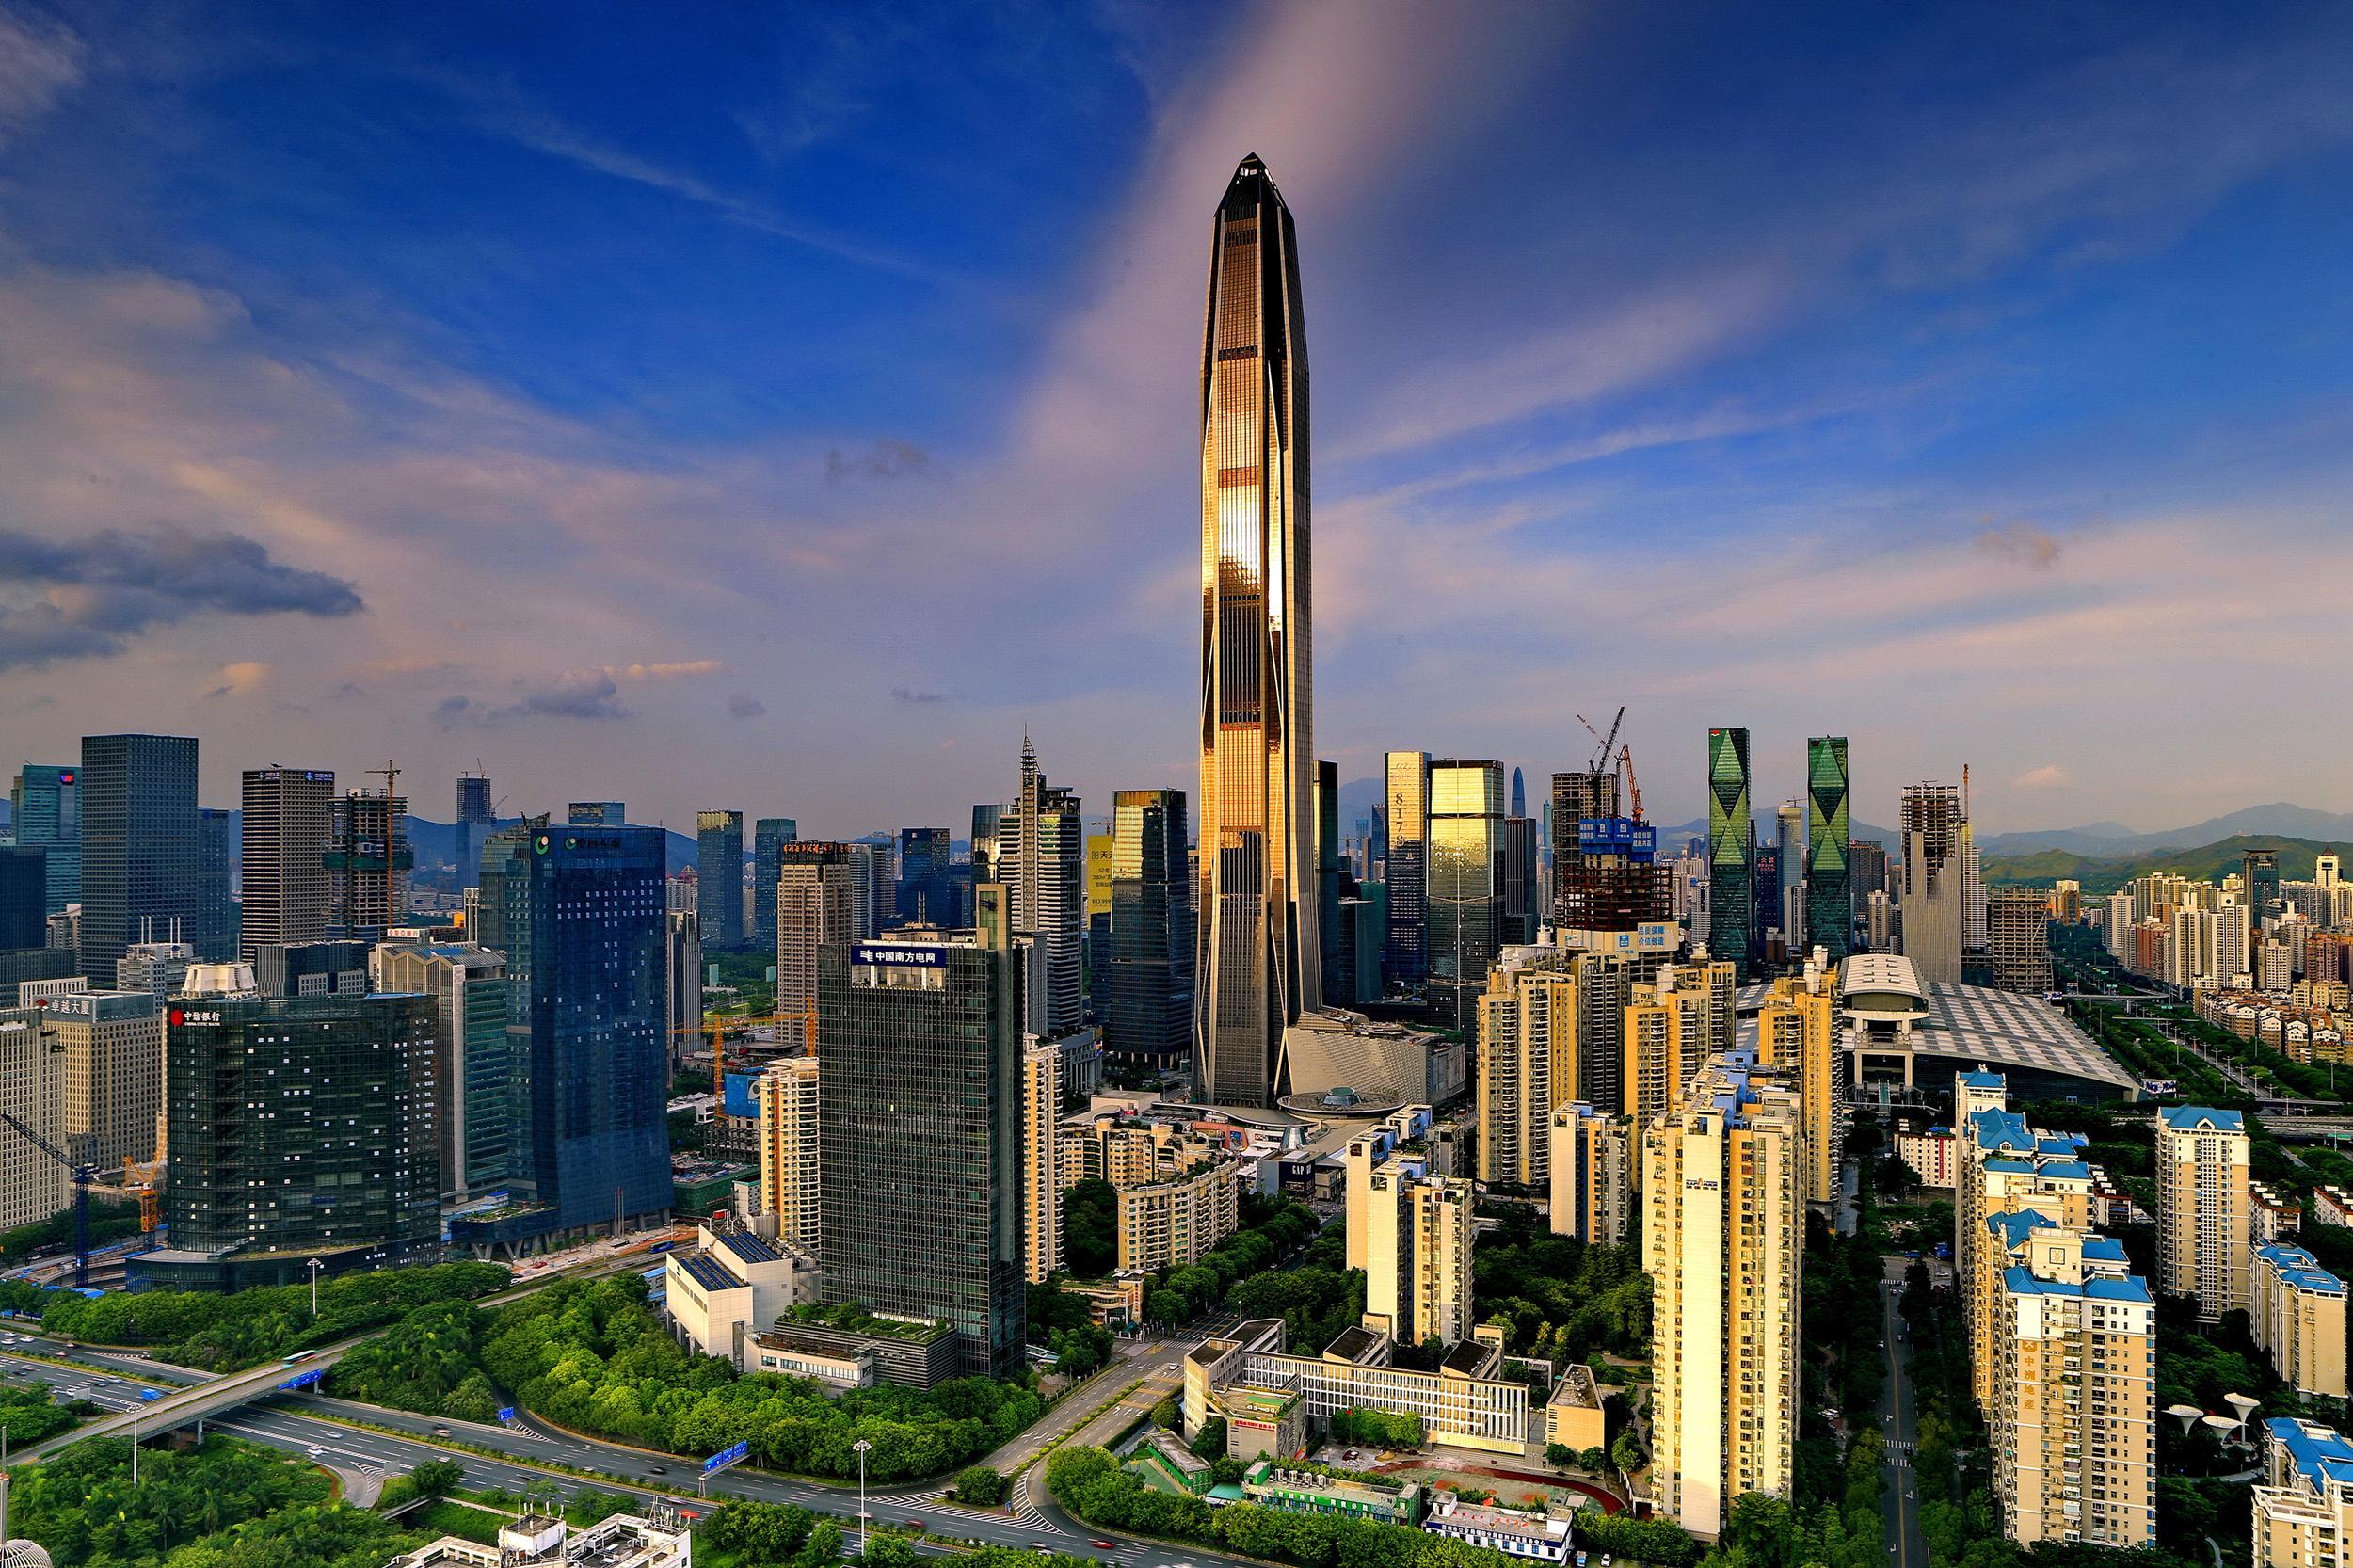 中国平安(2318.HK)三季报:寿险业务与代理人结构调整,助力NBV重拾增长